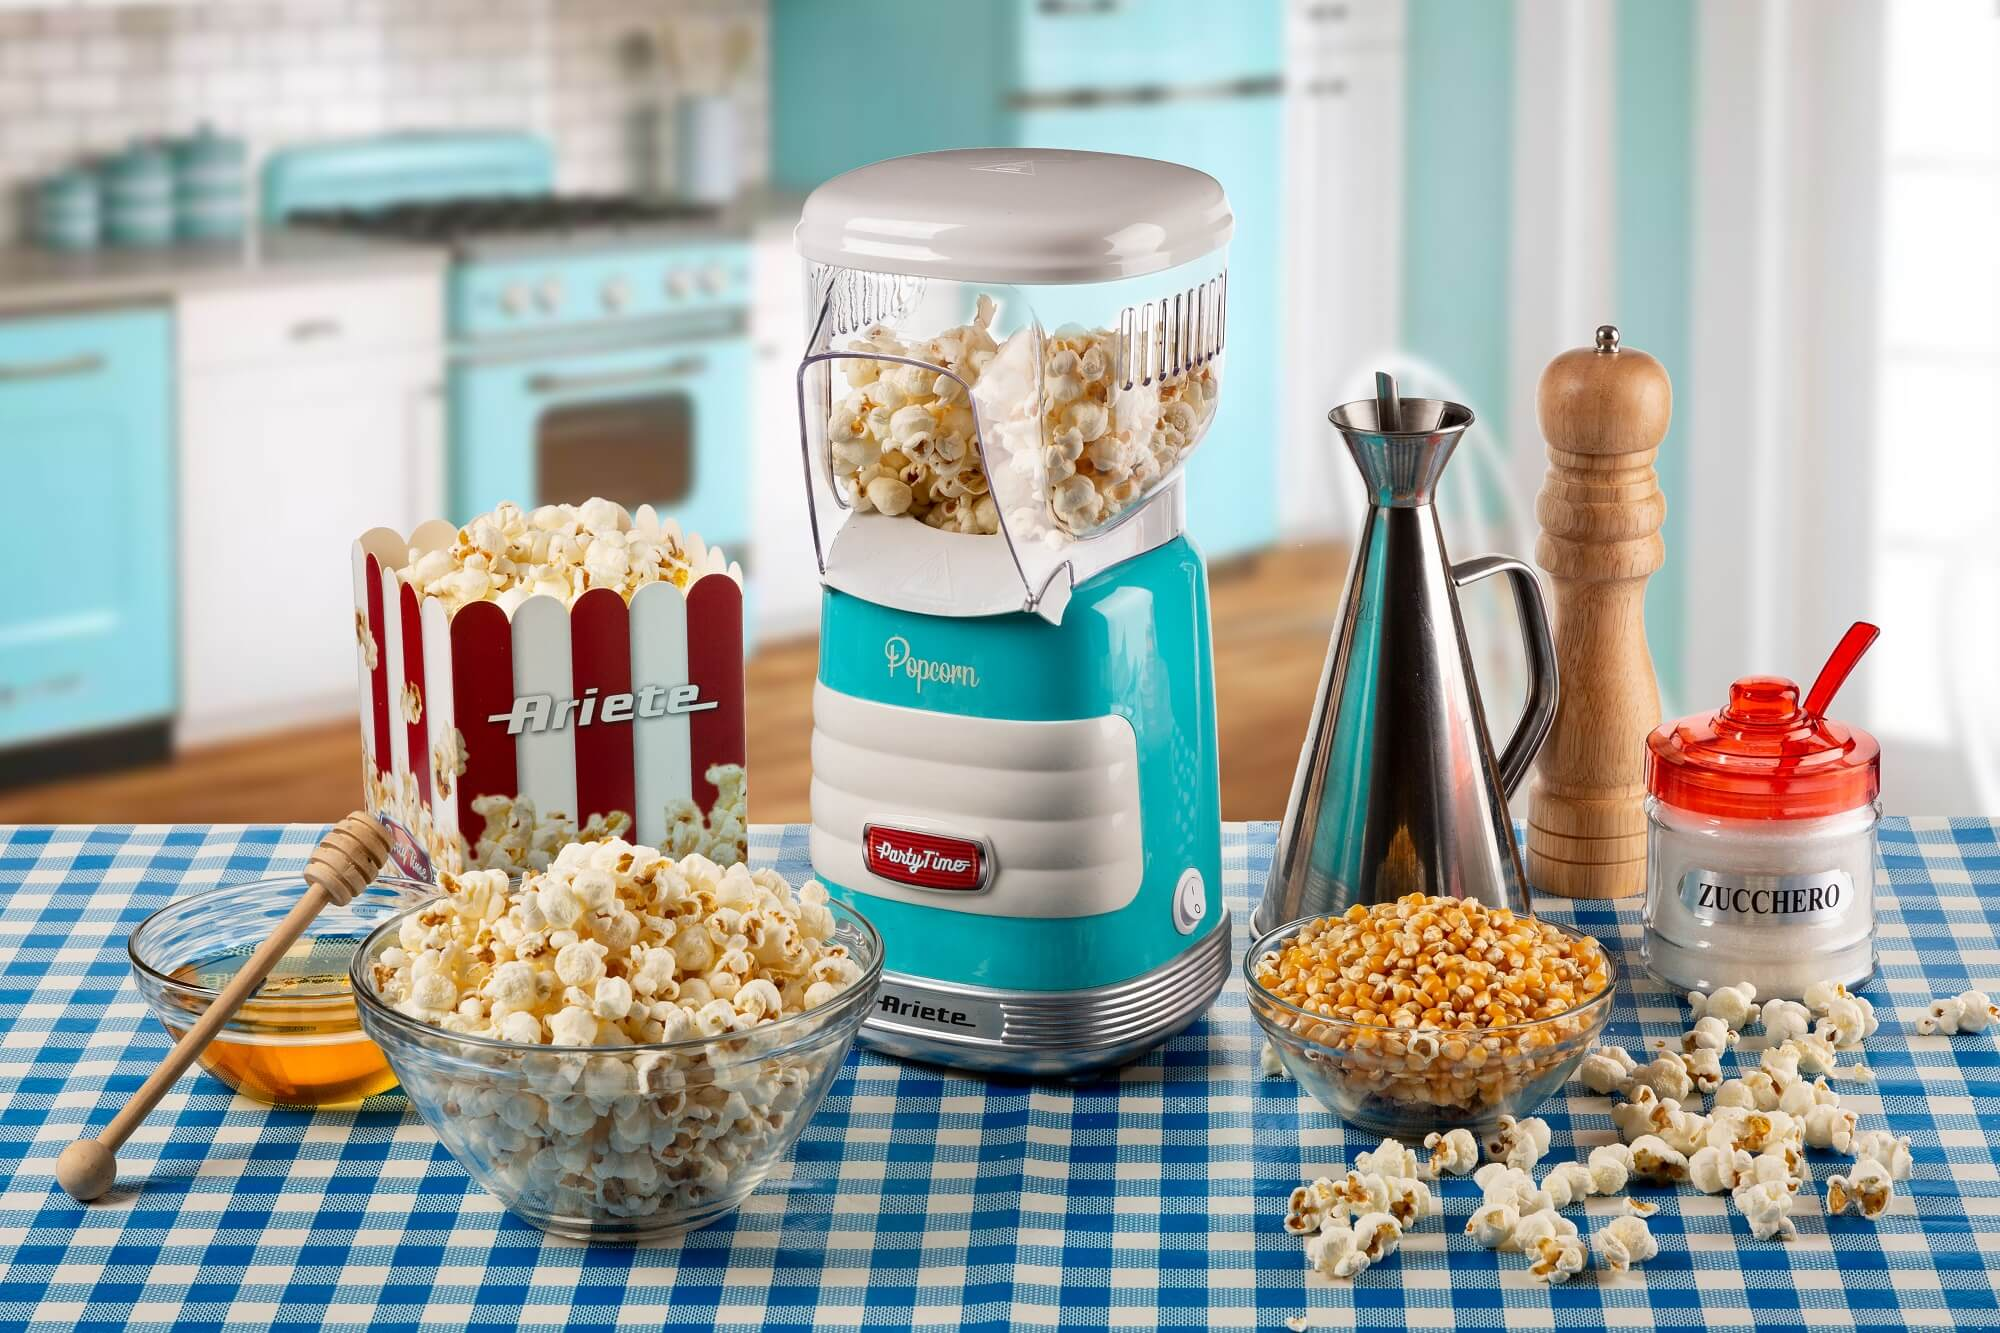 macchina per popcorn party time ariete 2956 azzurro